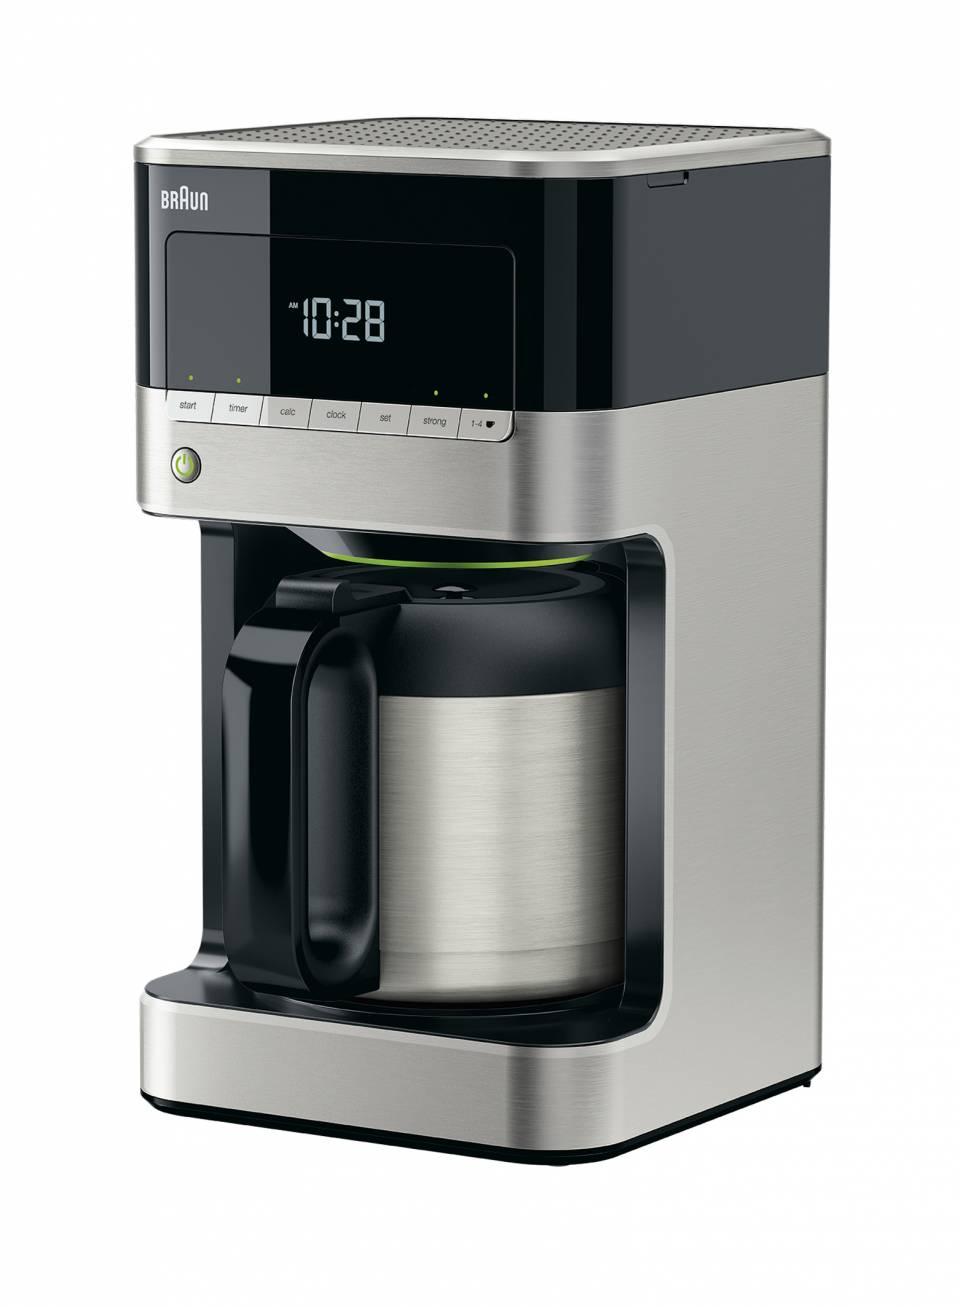 Die Braun Kaffeemaschine KF 7125 PurAroma 7